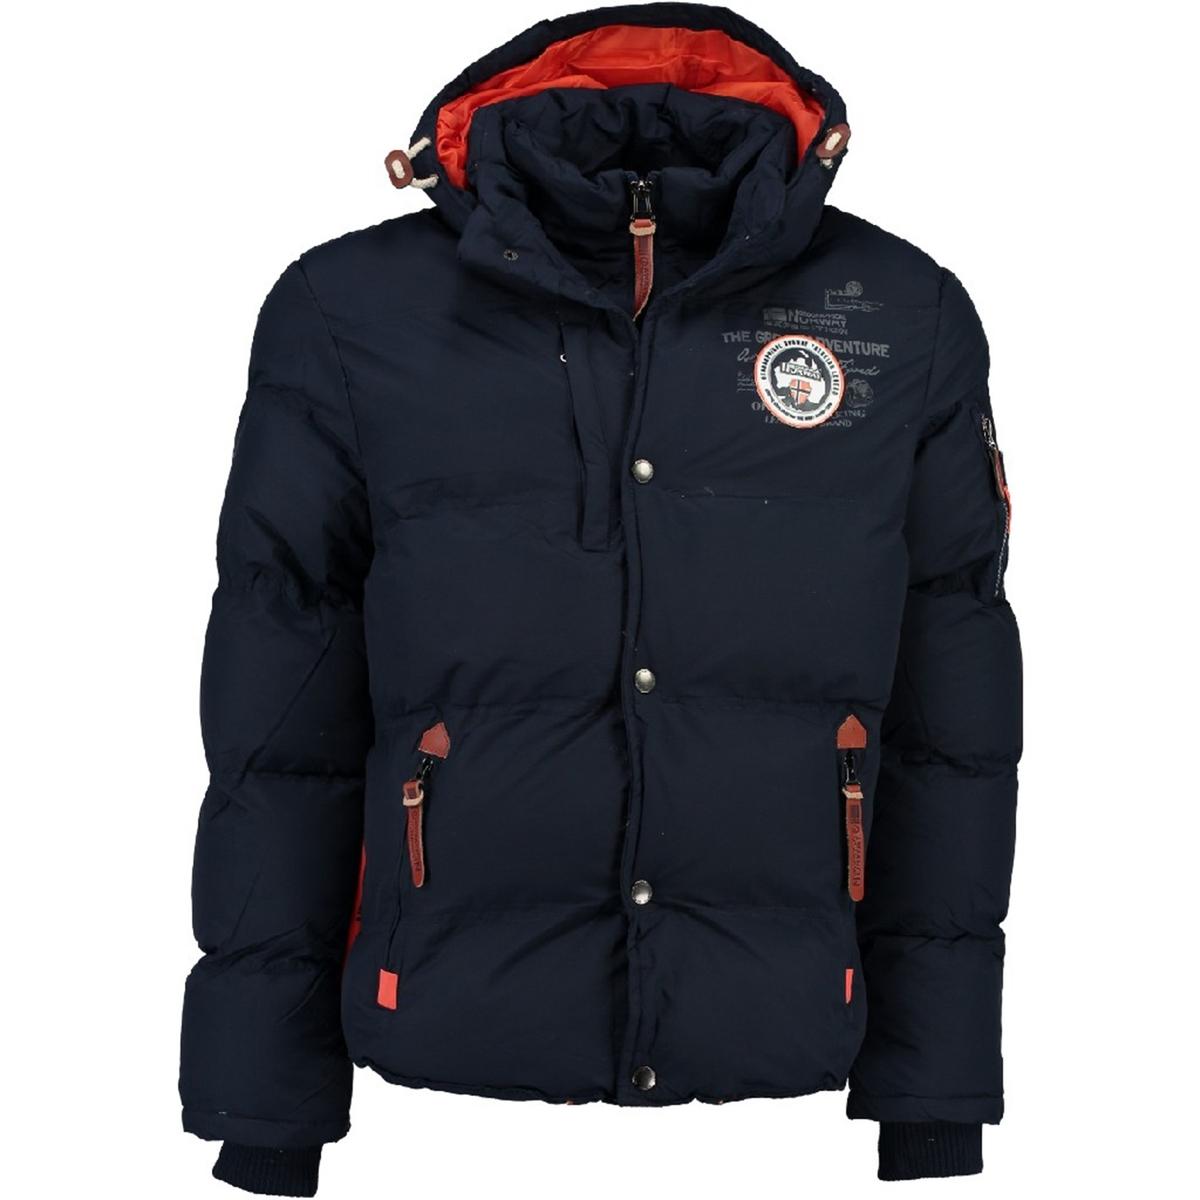 Куртка стеганаяДетали •  Длина : укороченная   •  Капюшон  •  Застежка на молниюСостав и уход •  100% полиамид  •  Следуйте советам по уходу, указанным на этикетке<br><br>Цвет: синий морской,темно-серый<br>Размер: S.3XL.XXL.L